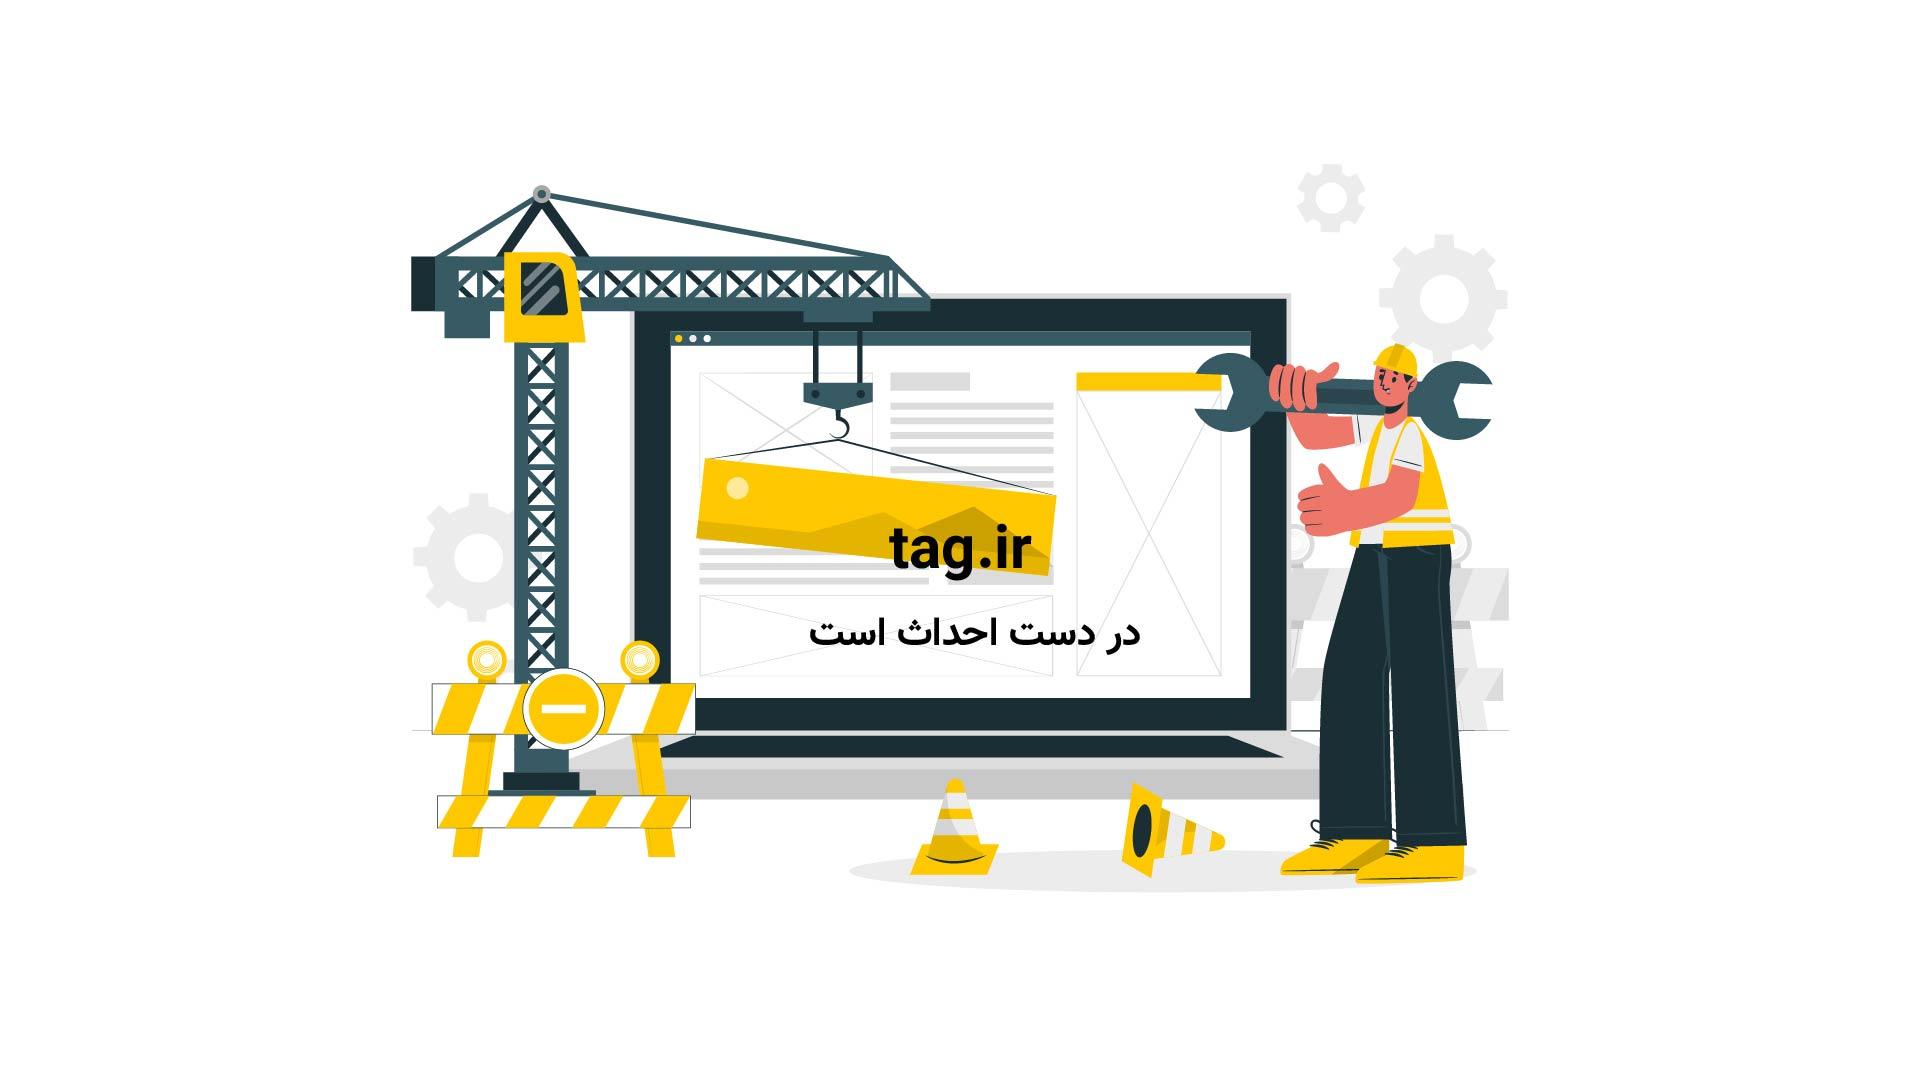 آغاز حرکت قطار اربعین از تهران | فیلم